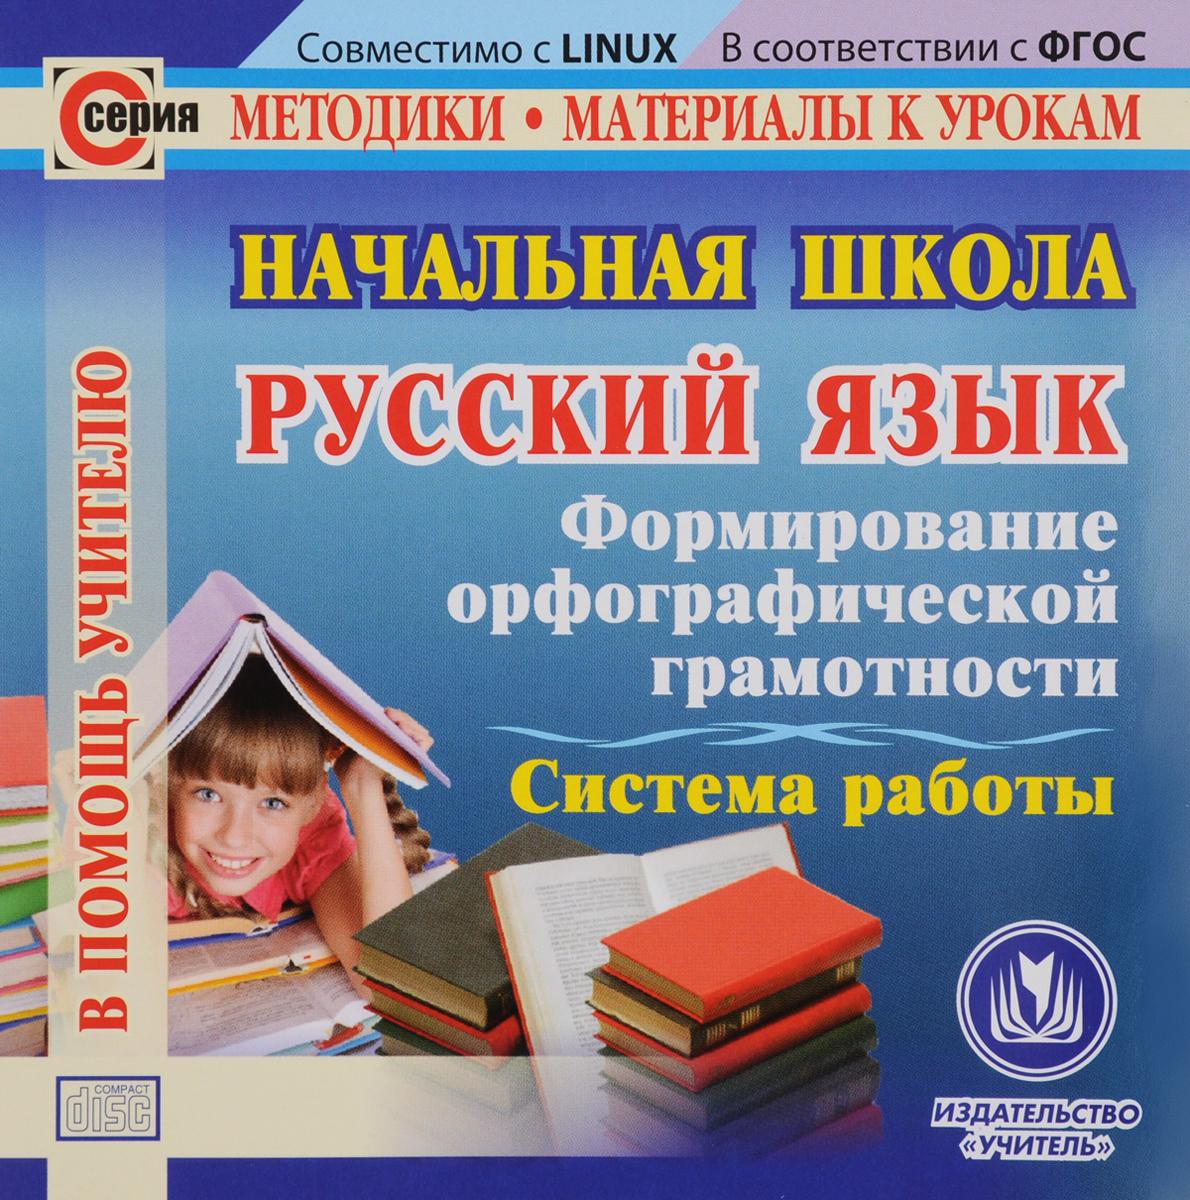 Начальная школа. Русский язык. Формирование орфографической грамотности. Система работы